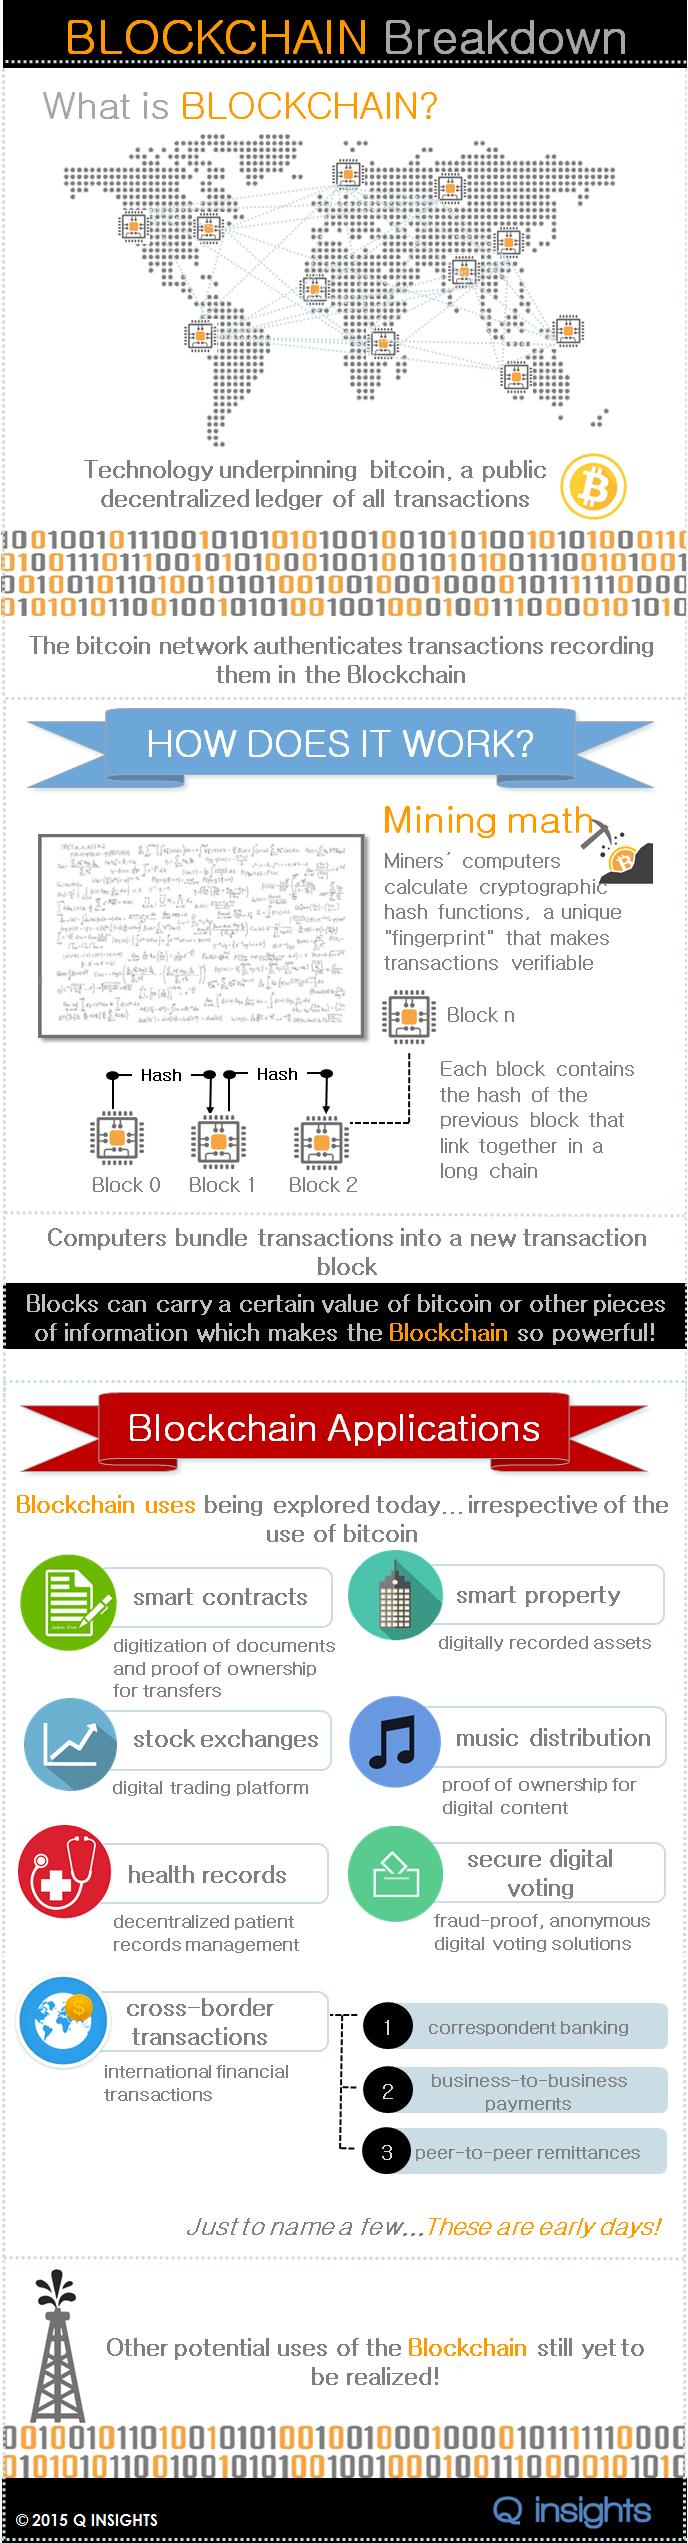 blockchain breakdown - what is a blockchain